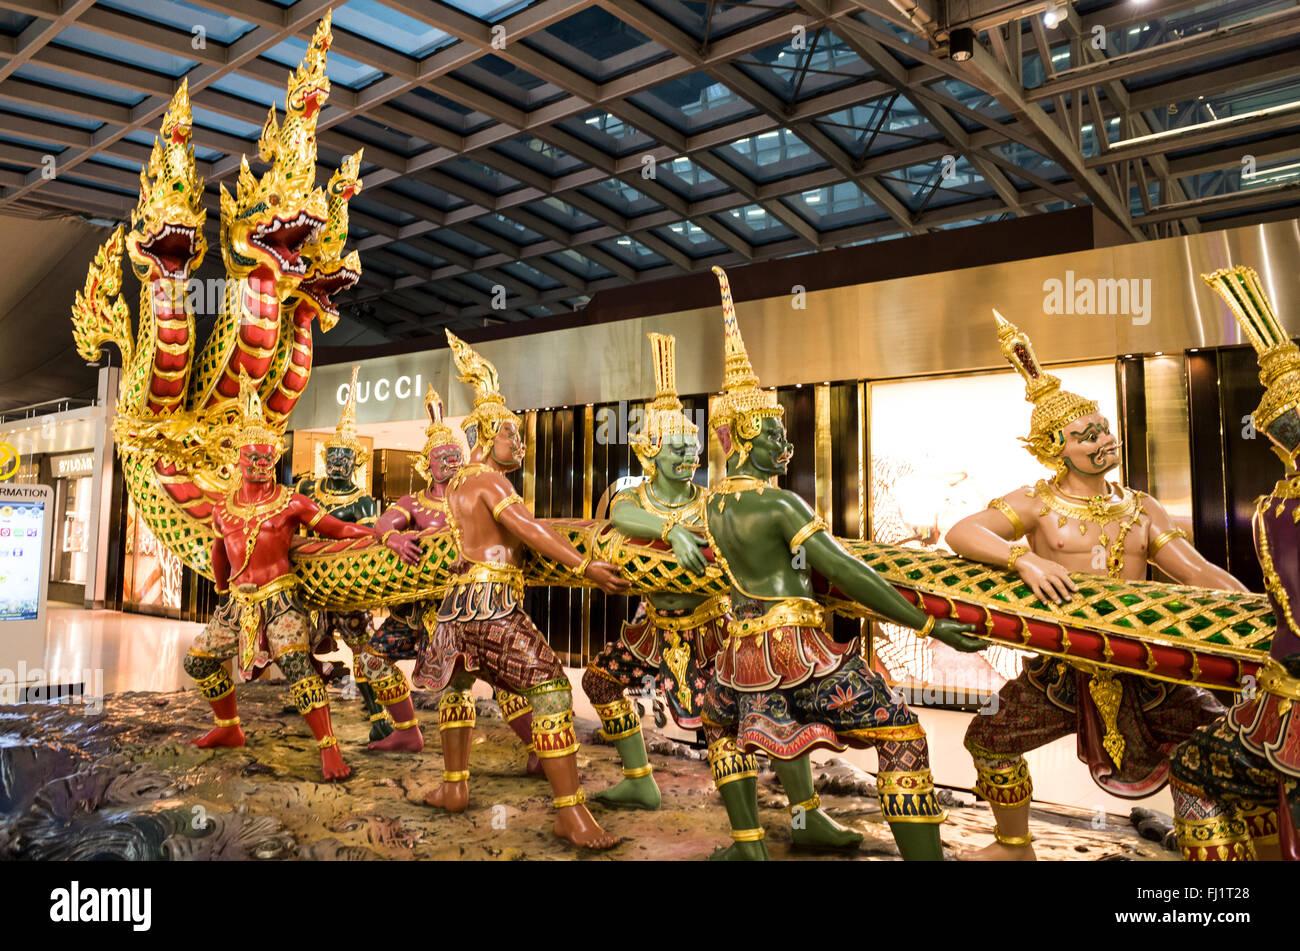 Una ornamentada mostrar en la terminal del aeropuerto Suvarnabhumi de Bangkok, Tailandia. Imagen De Stock